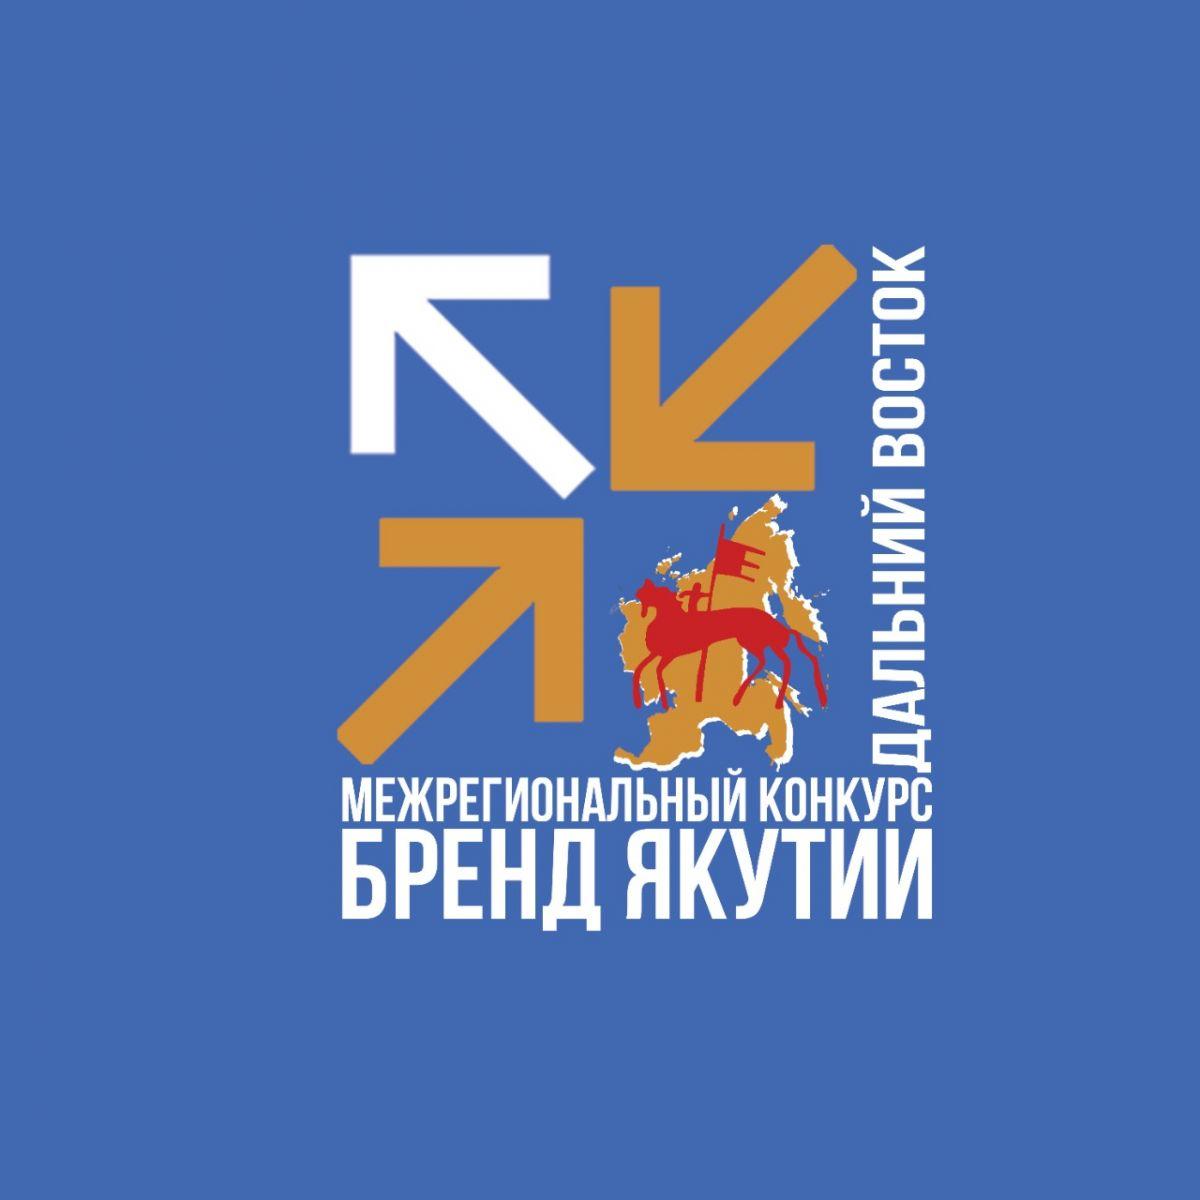 Какой самый узнаваемый бренд Якутии? Постпредство республики по ДФО запустило новый проект